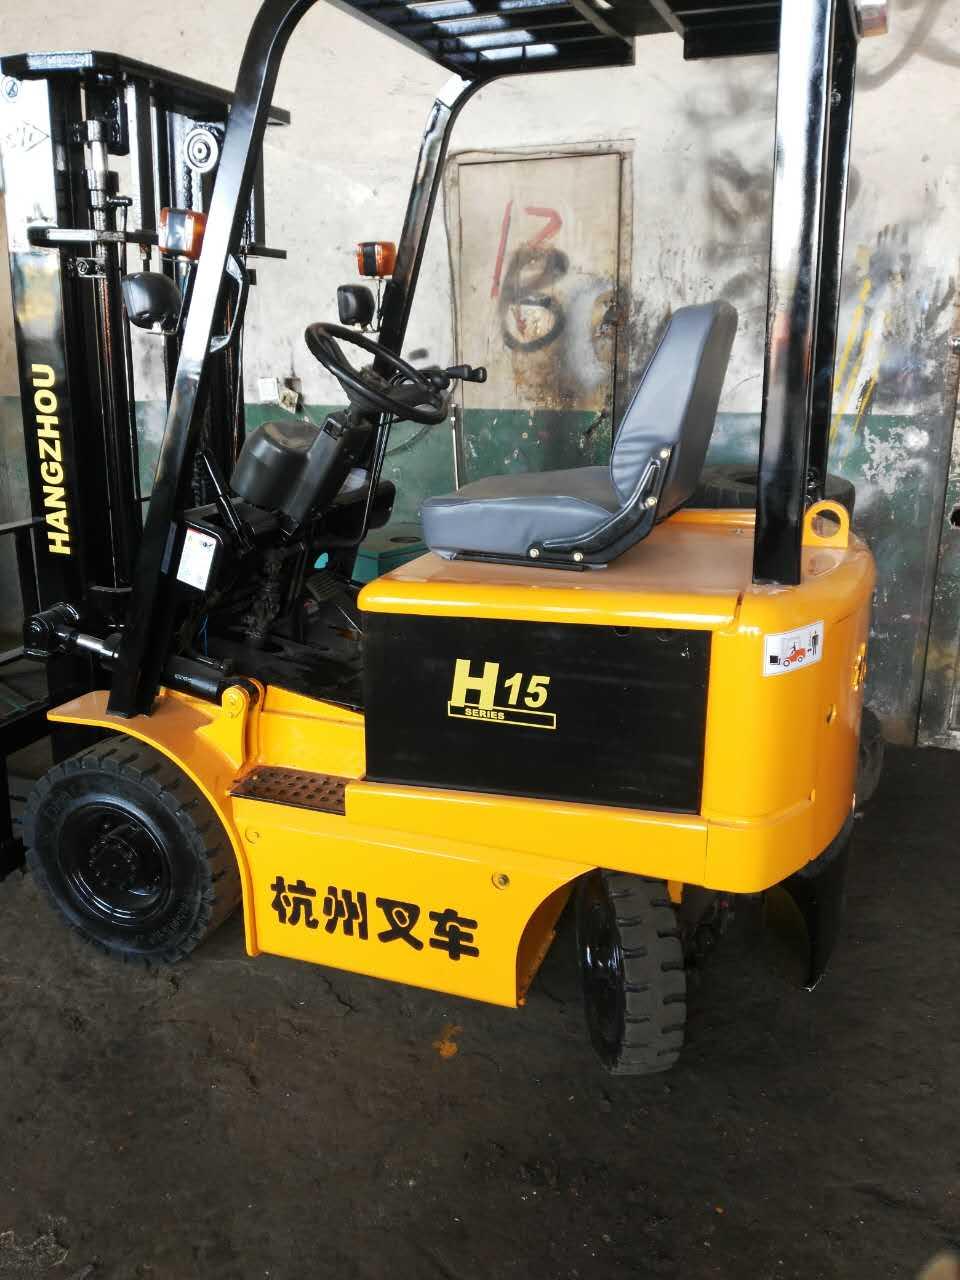 上海厂家直销 电瓶叉车 合力叉车 杭州叉车 内燃叉车